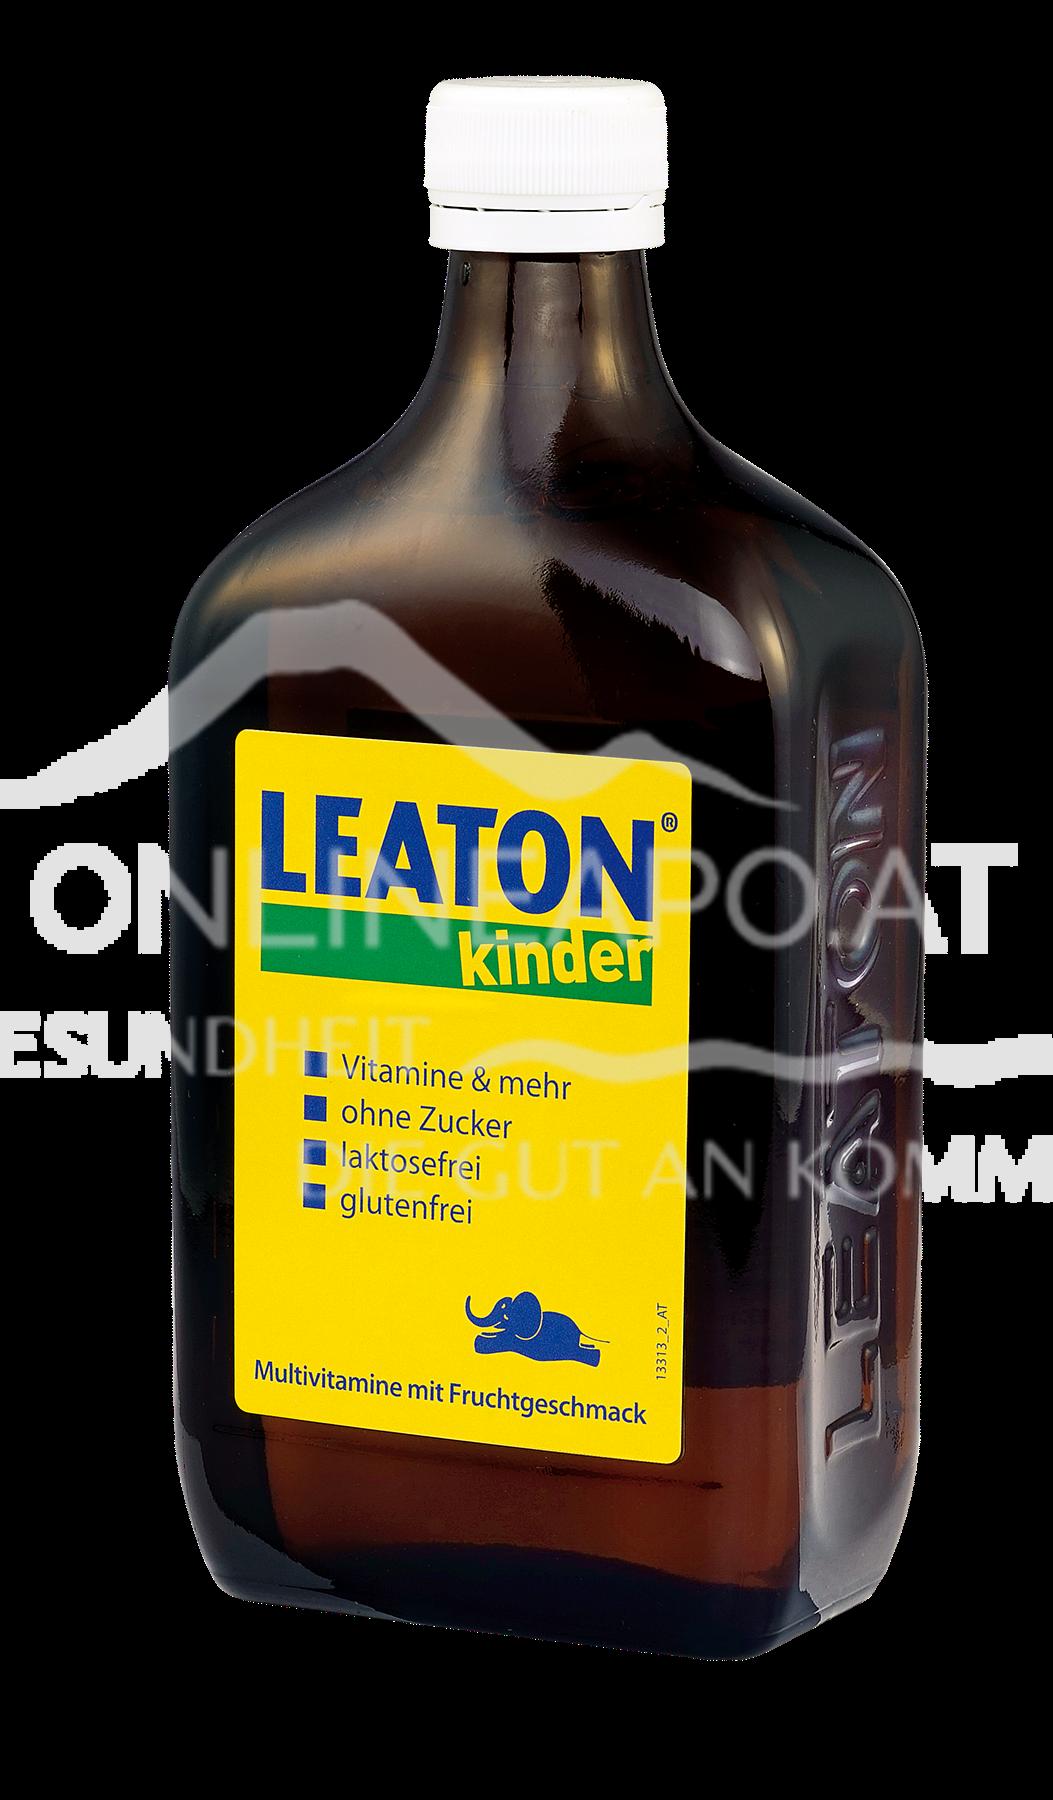 LEATON® kinder